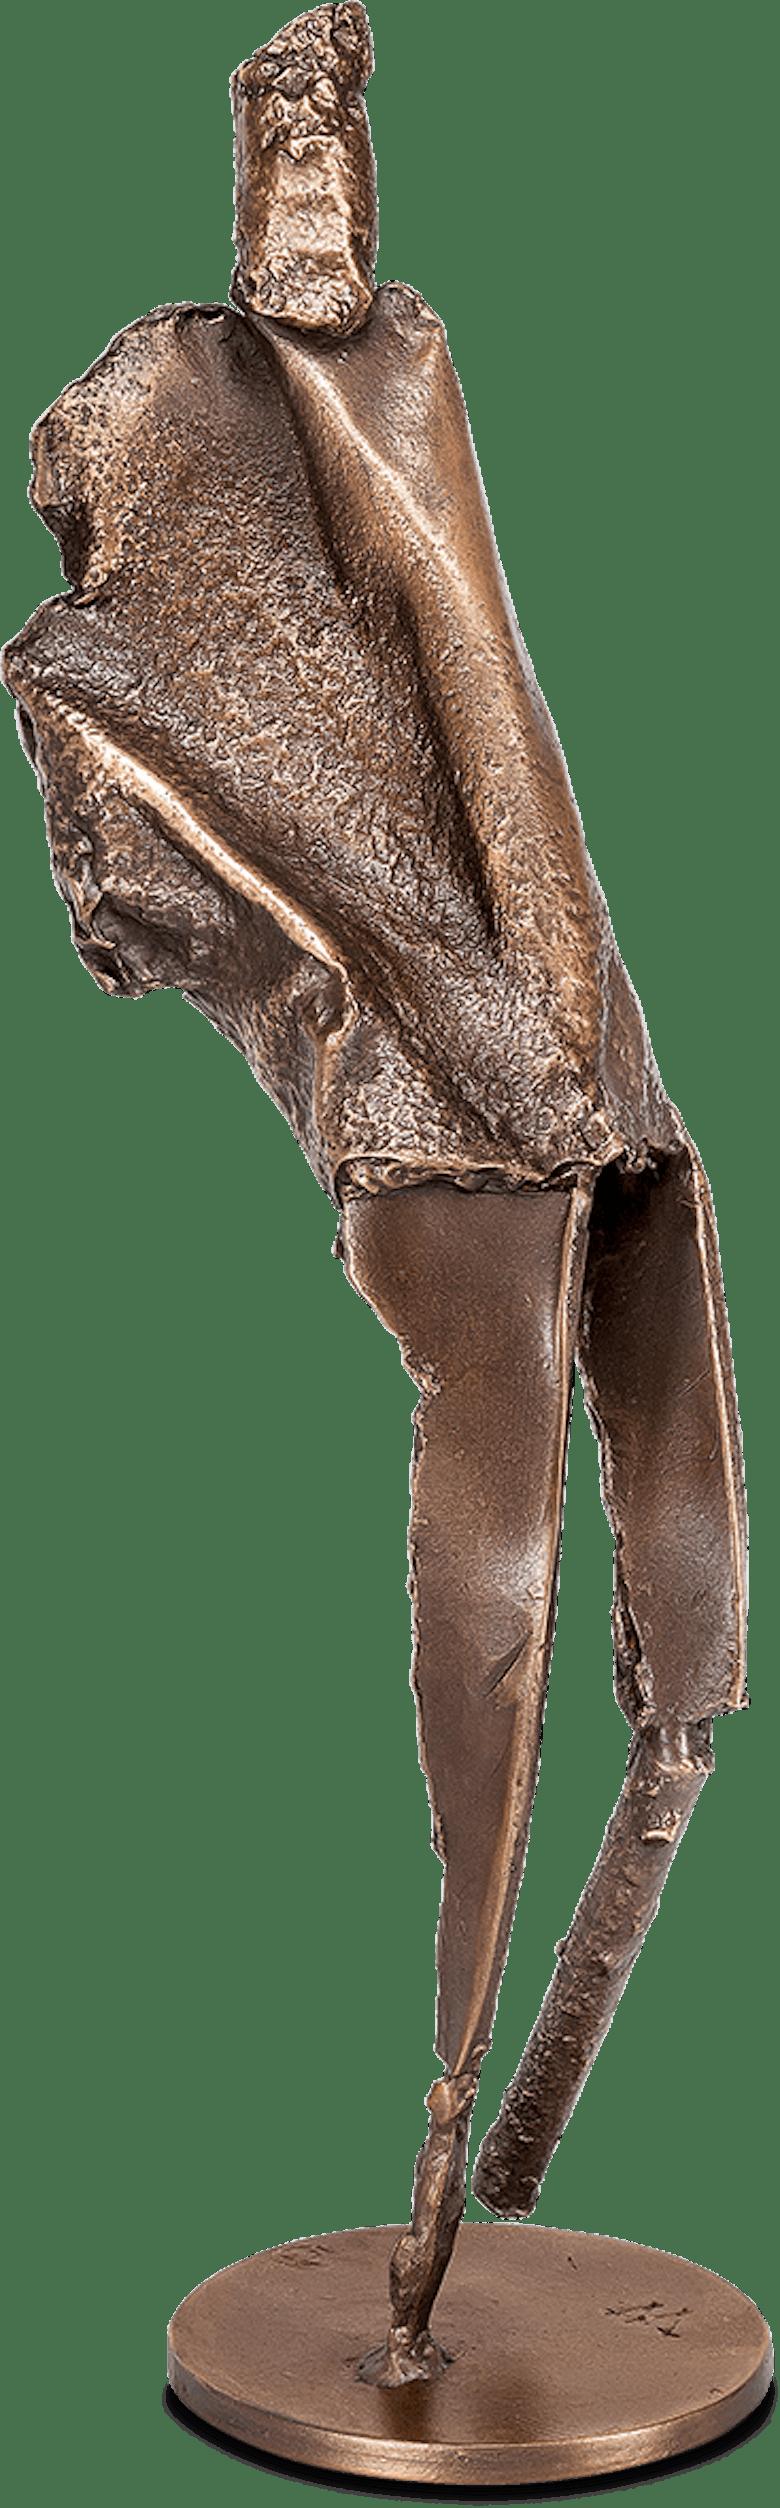 Bronzefigur Apologet von Ulrich Barnickel